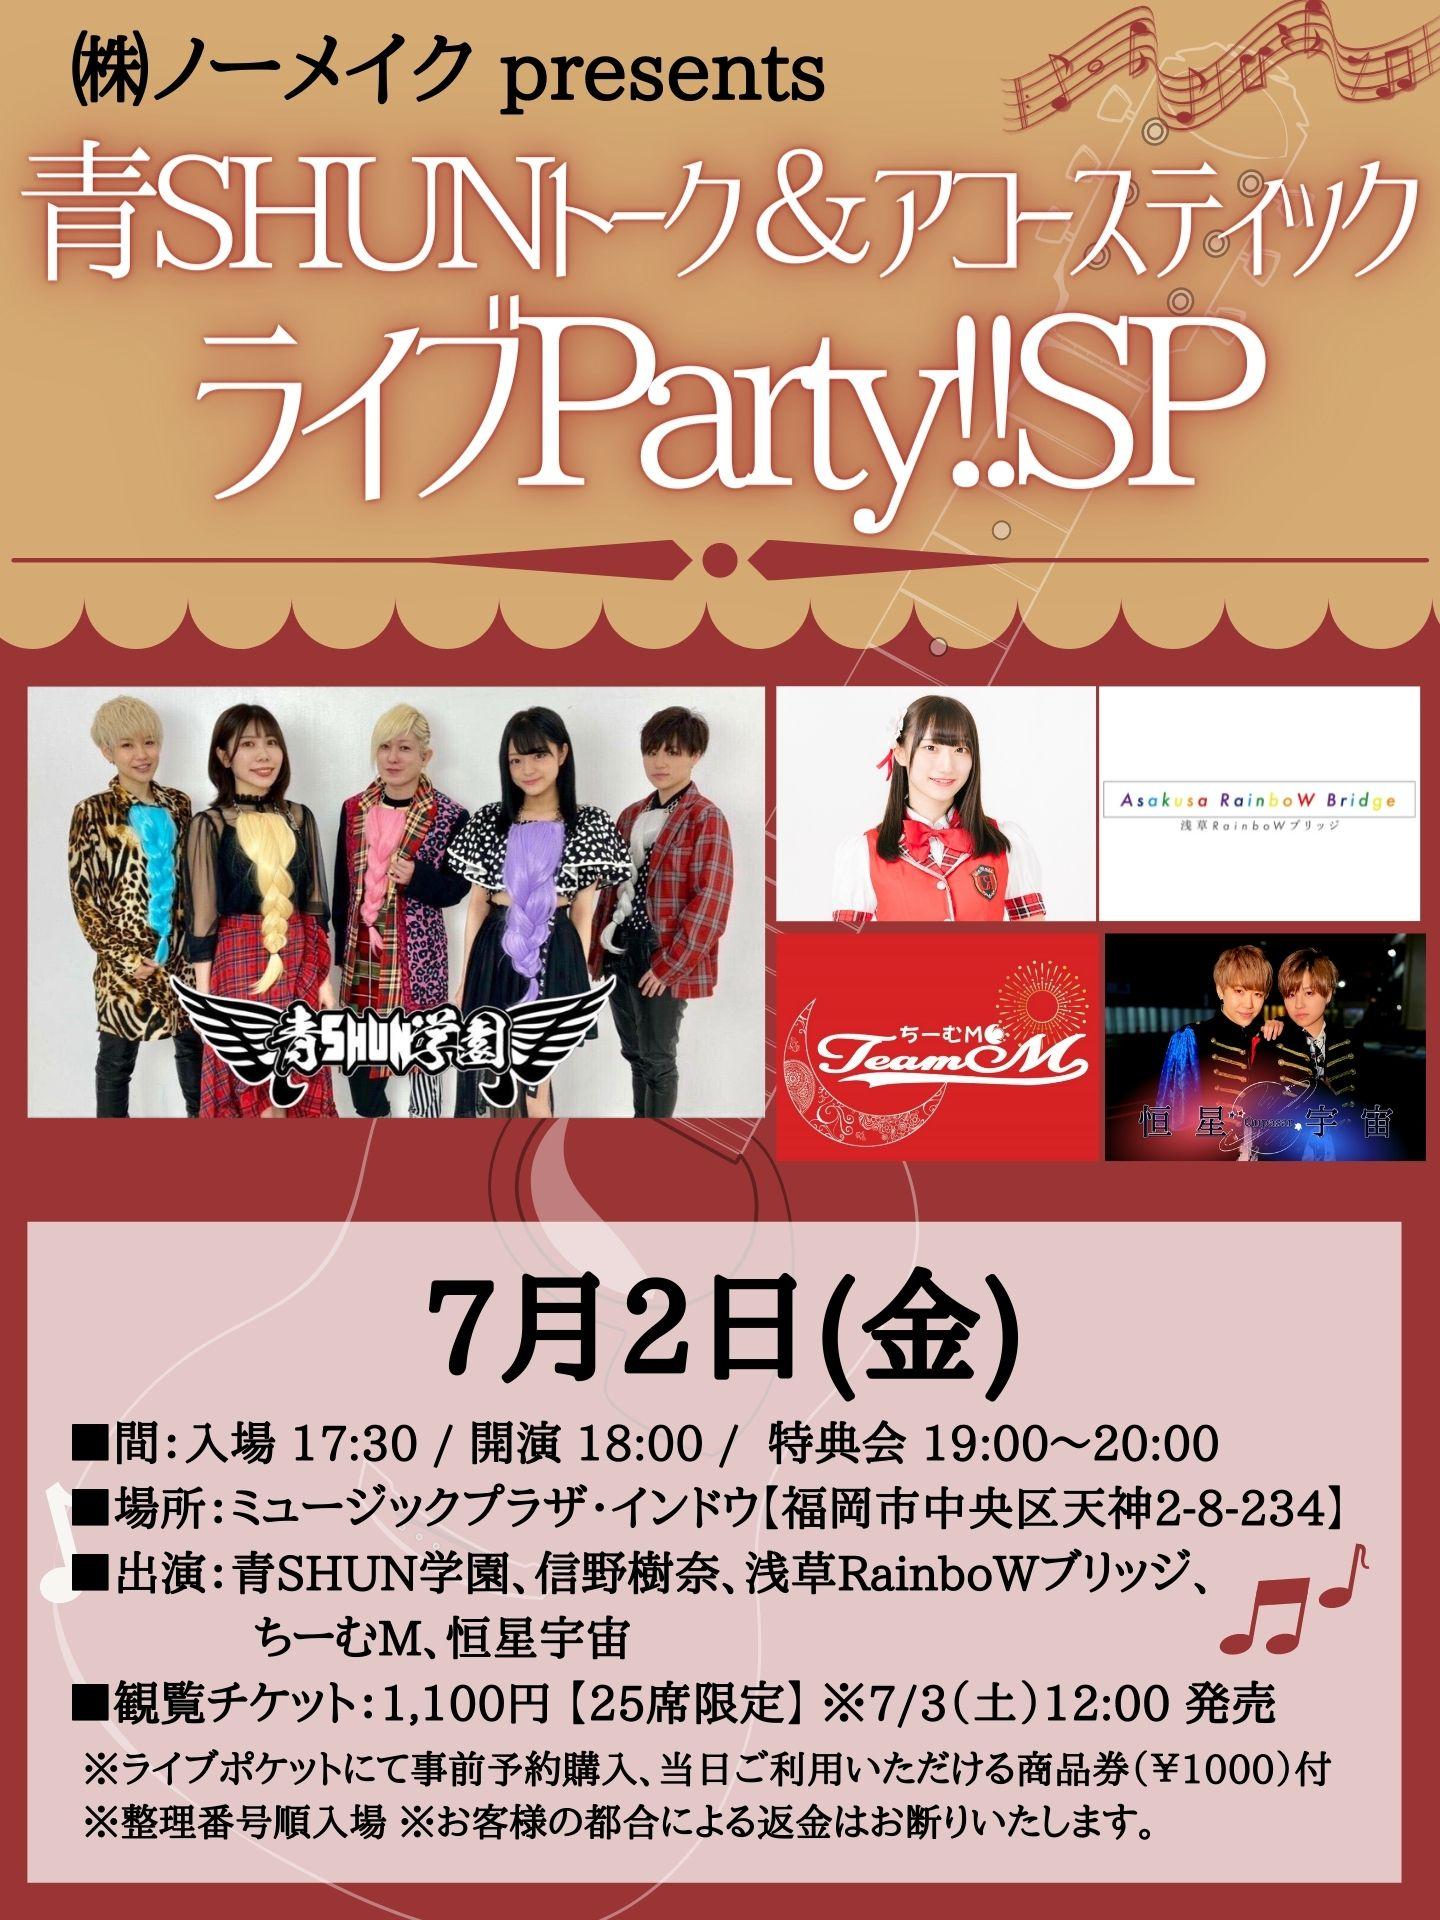 7/2(金)㈱ノーメイク presents「青SHUNトーク&アコースティックライブParty!!SP」